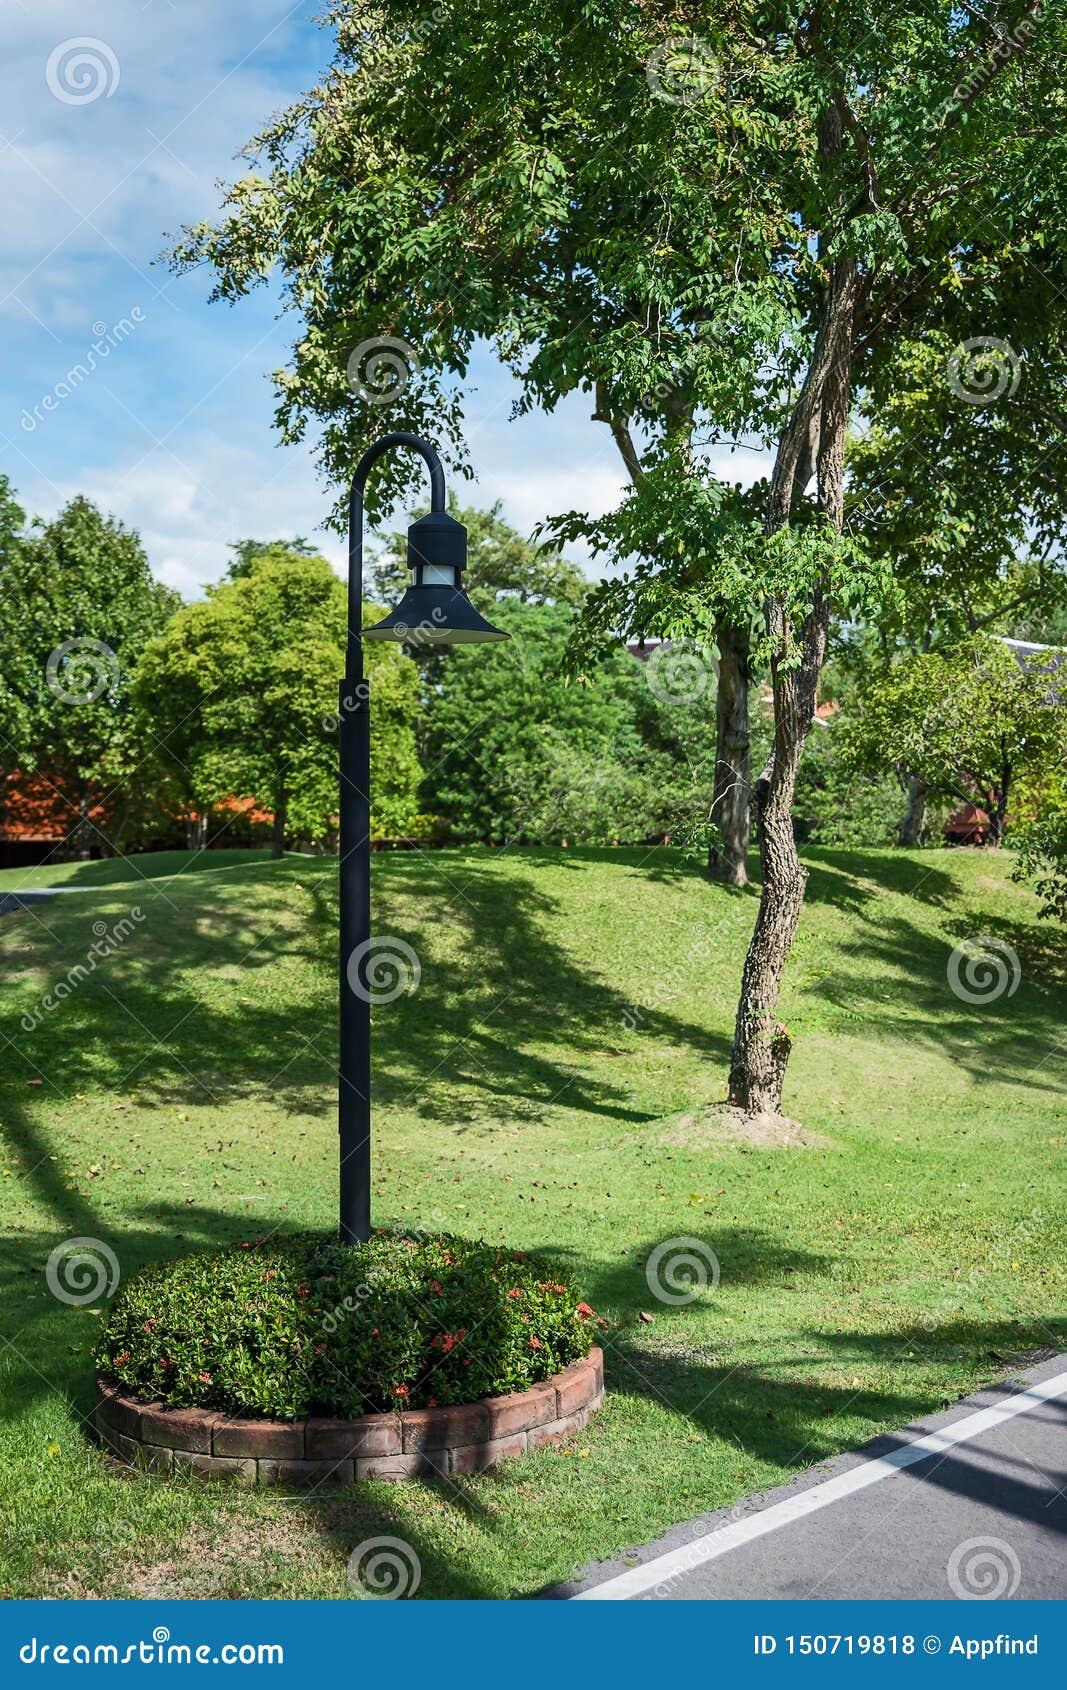 Lamps in the garden